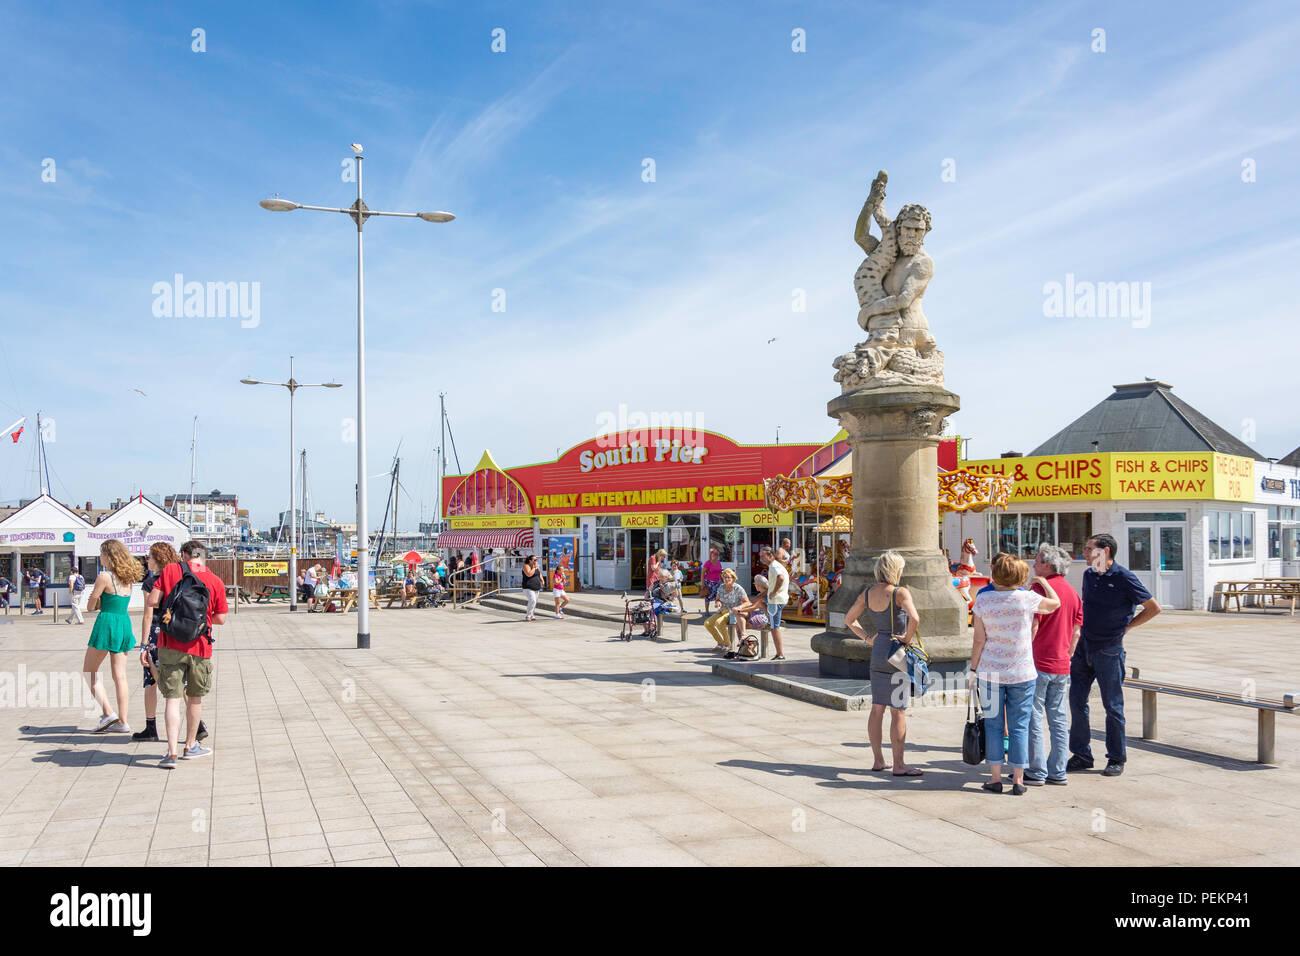 Muelle Sur Centro de entretenimiento y una estatua de Tritón, Royal llanura, Playa, en Lowestoft Lowestoft, Suffolk, England, Reino Unido Imagen De Stock